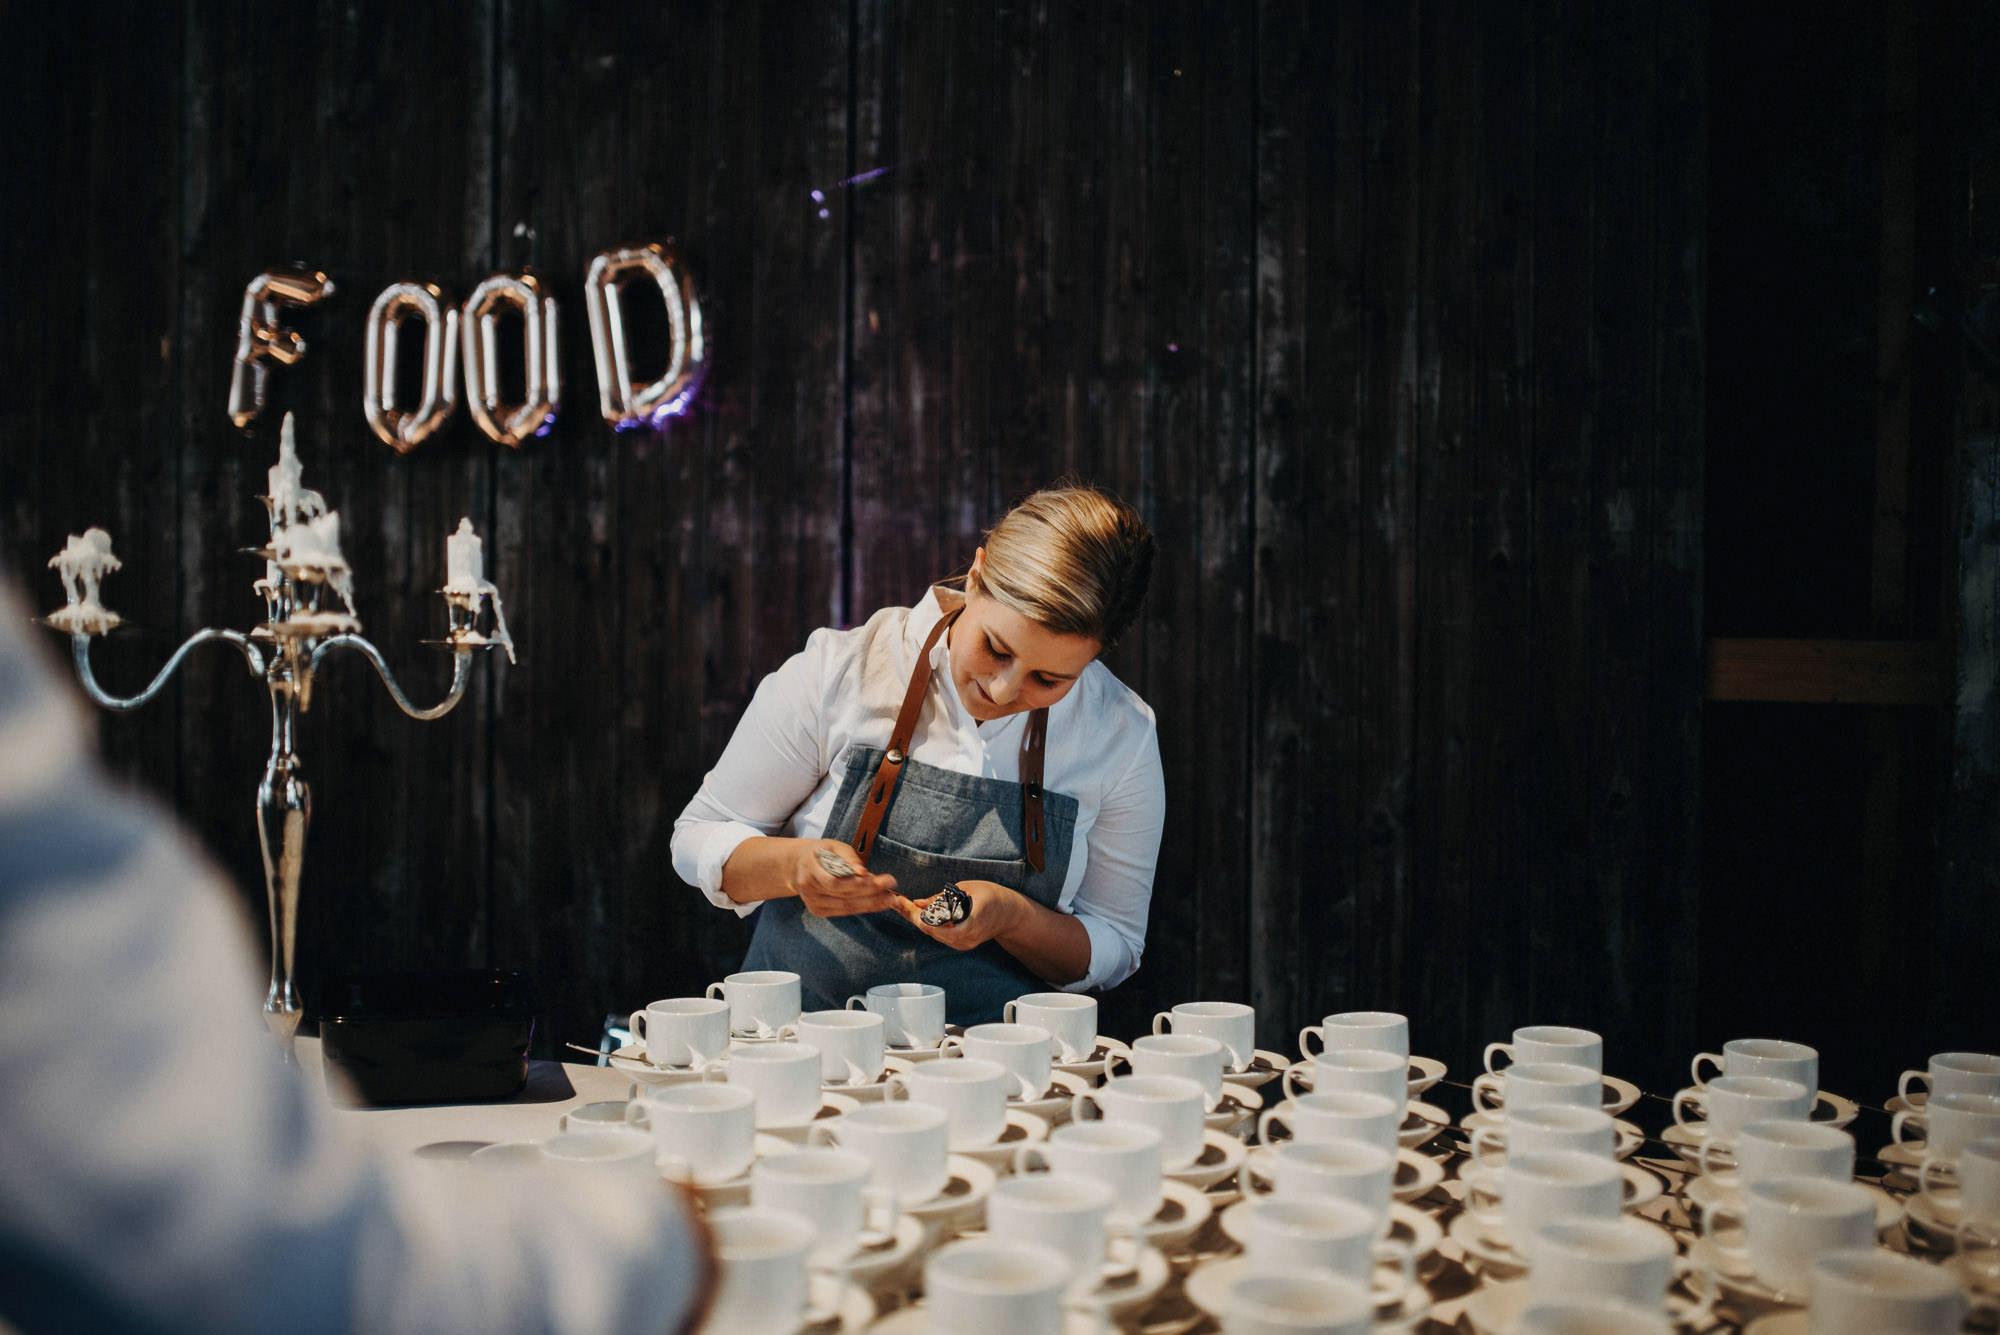 veistamo-haat-jere_satamo-ruissalo-weddings-066.jpg